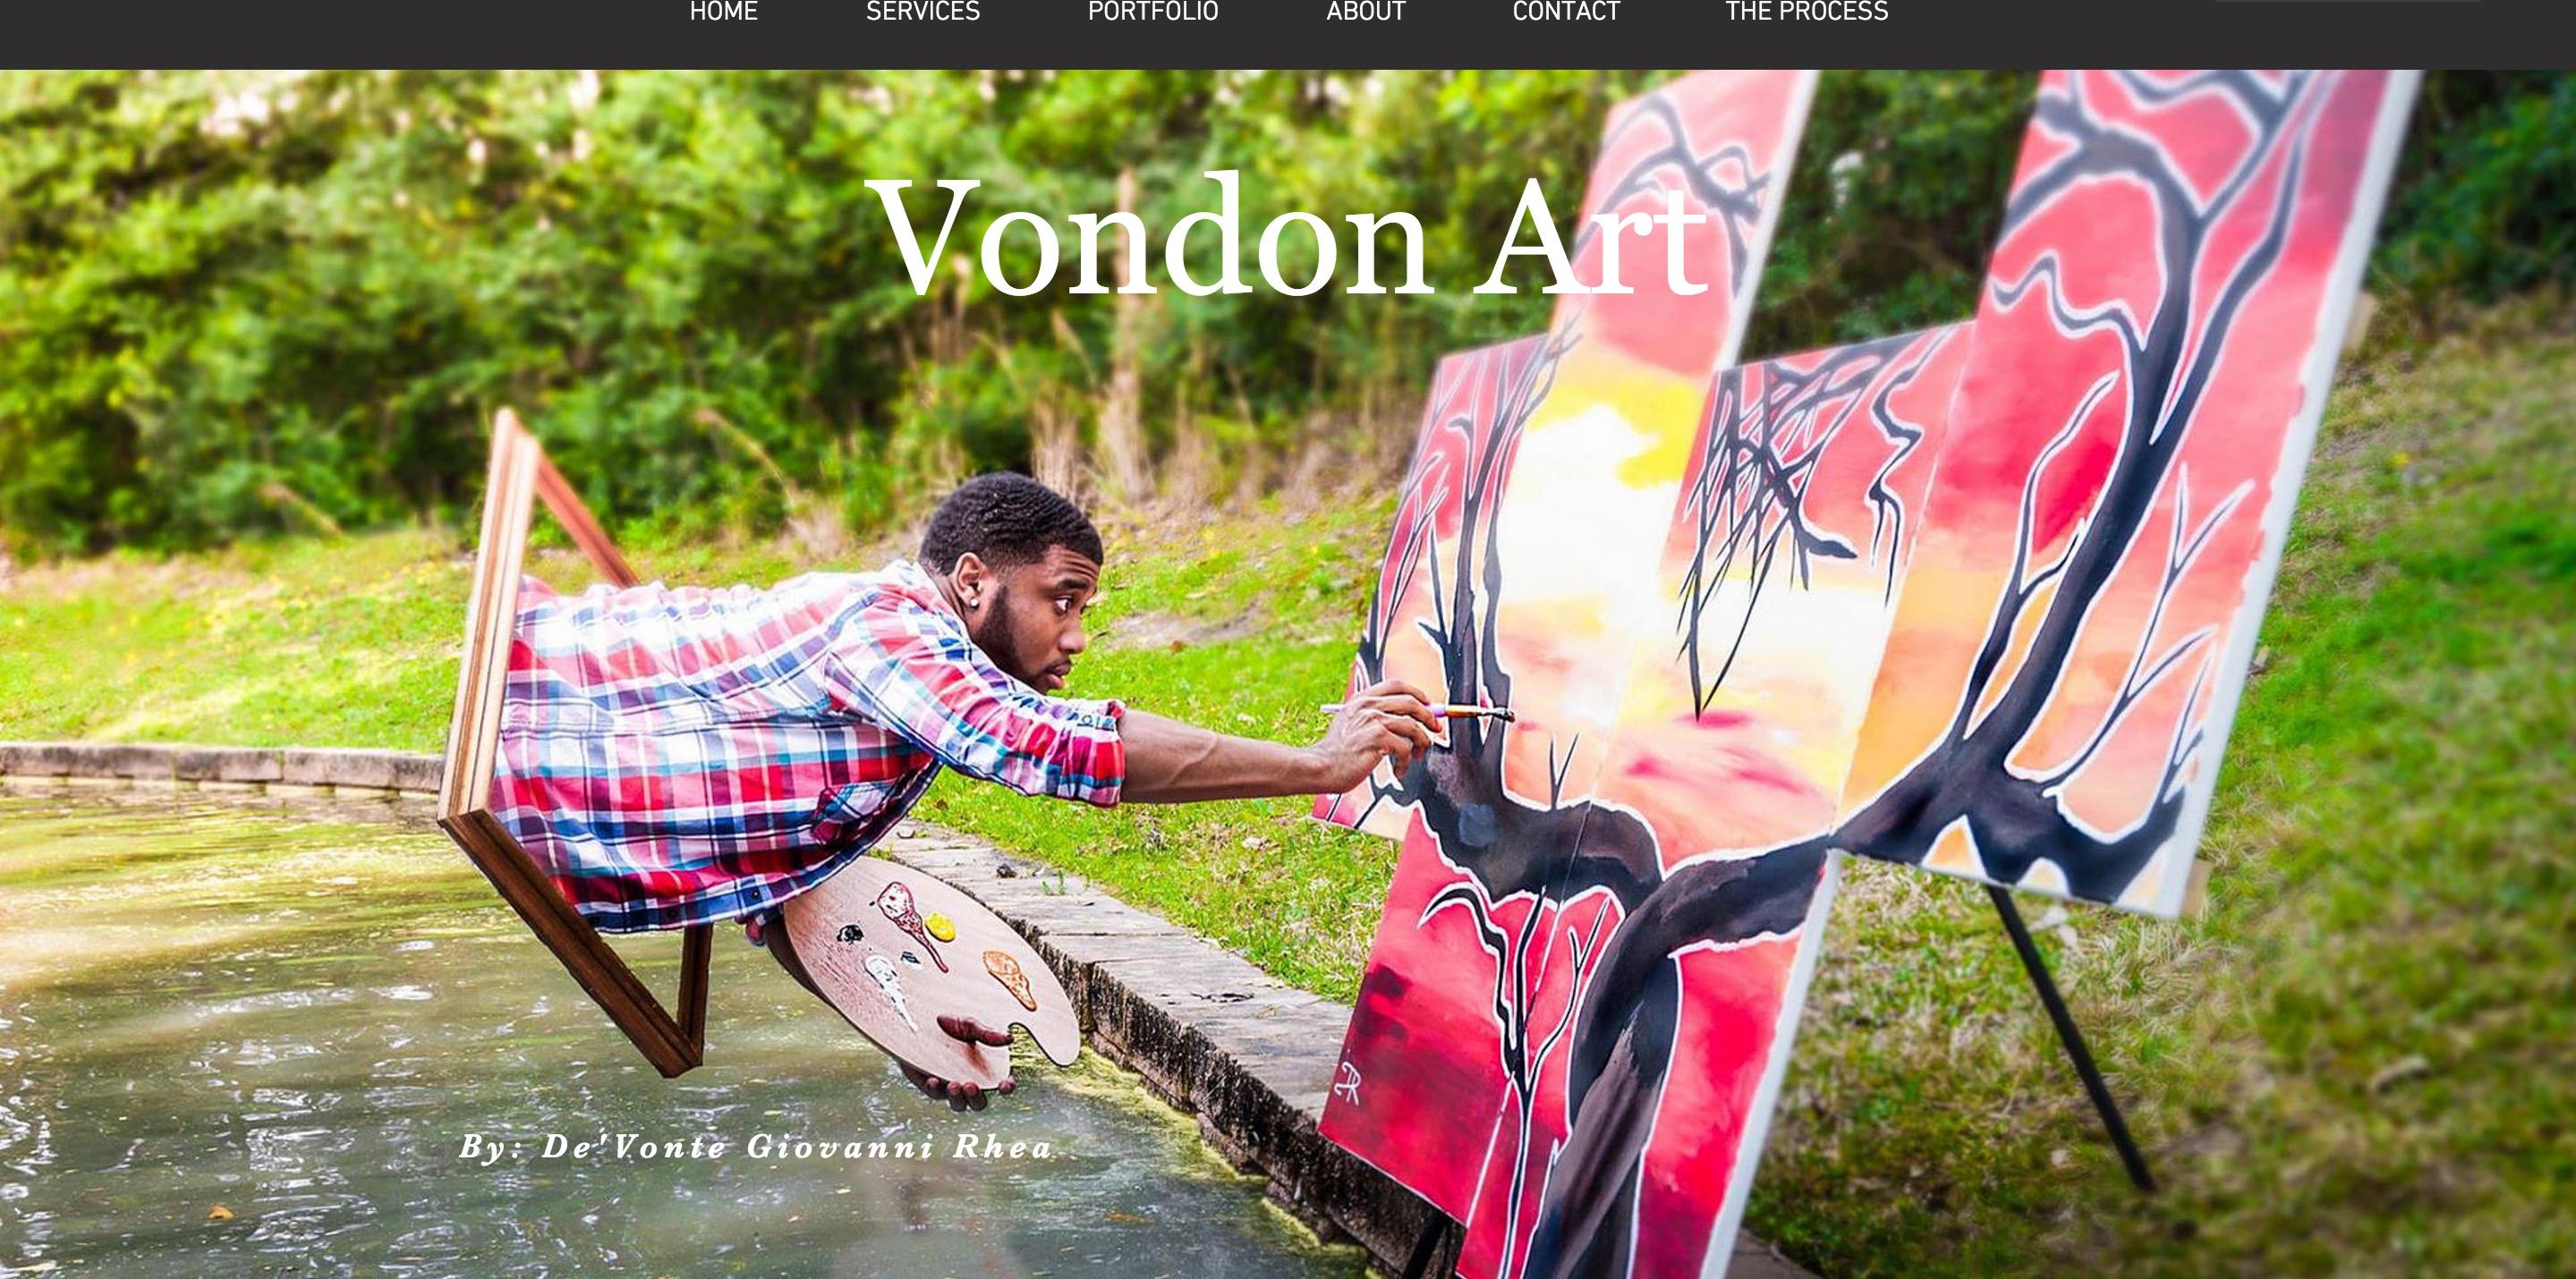 VonDon Art